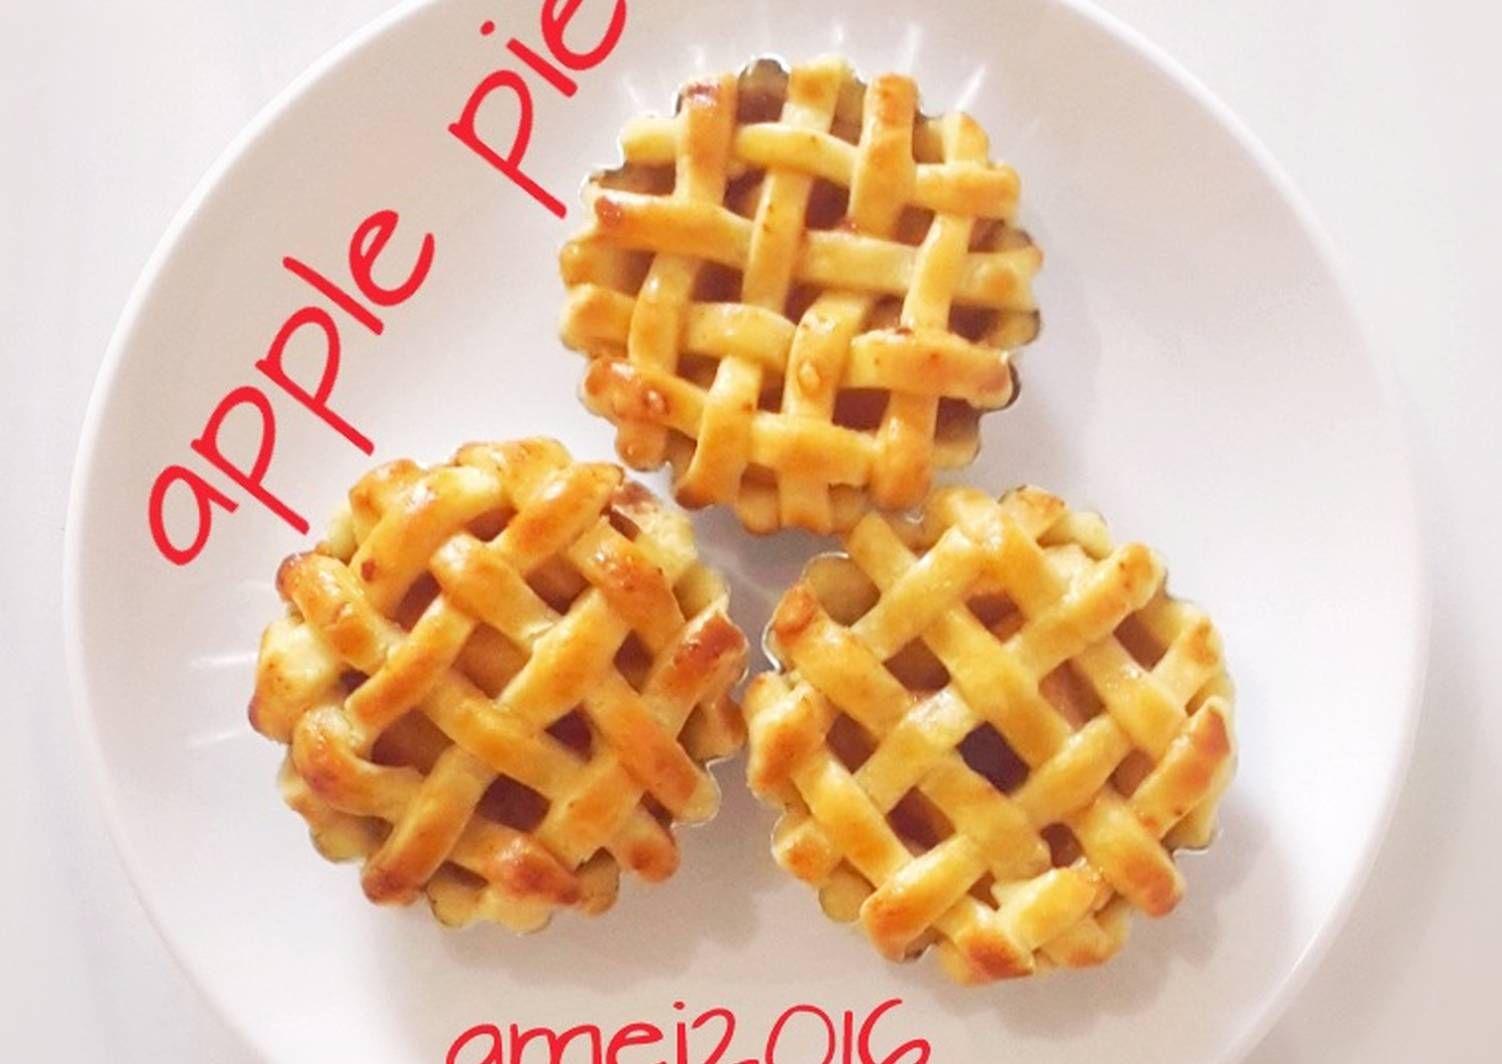 Resep Apple Pie Oleh Amei Resep Pie Apel Resep Kue